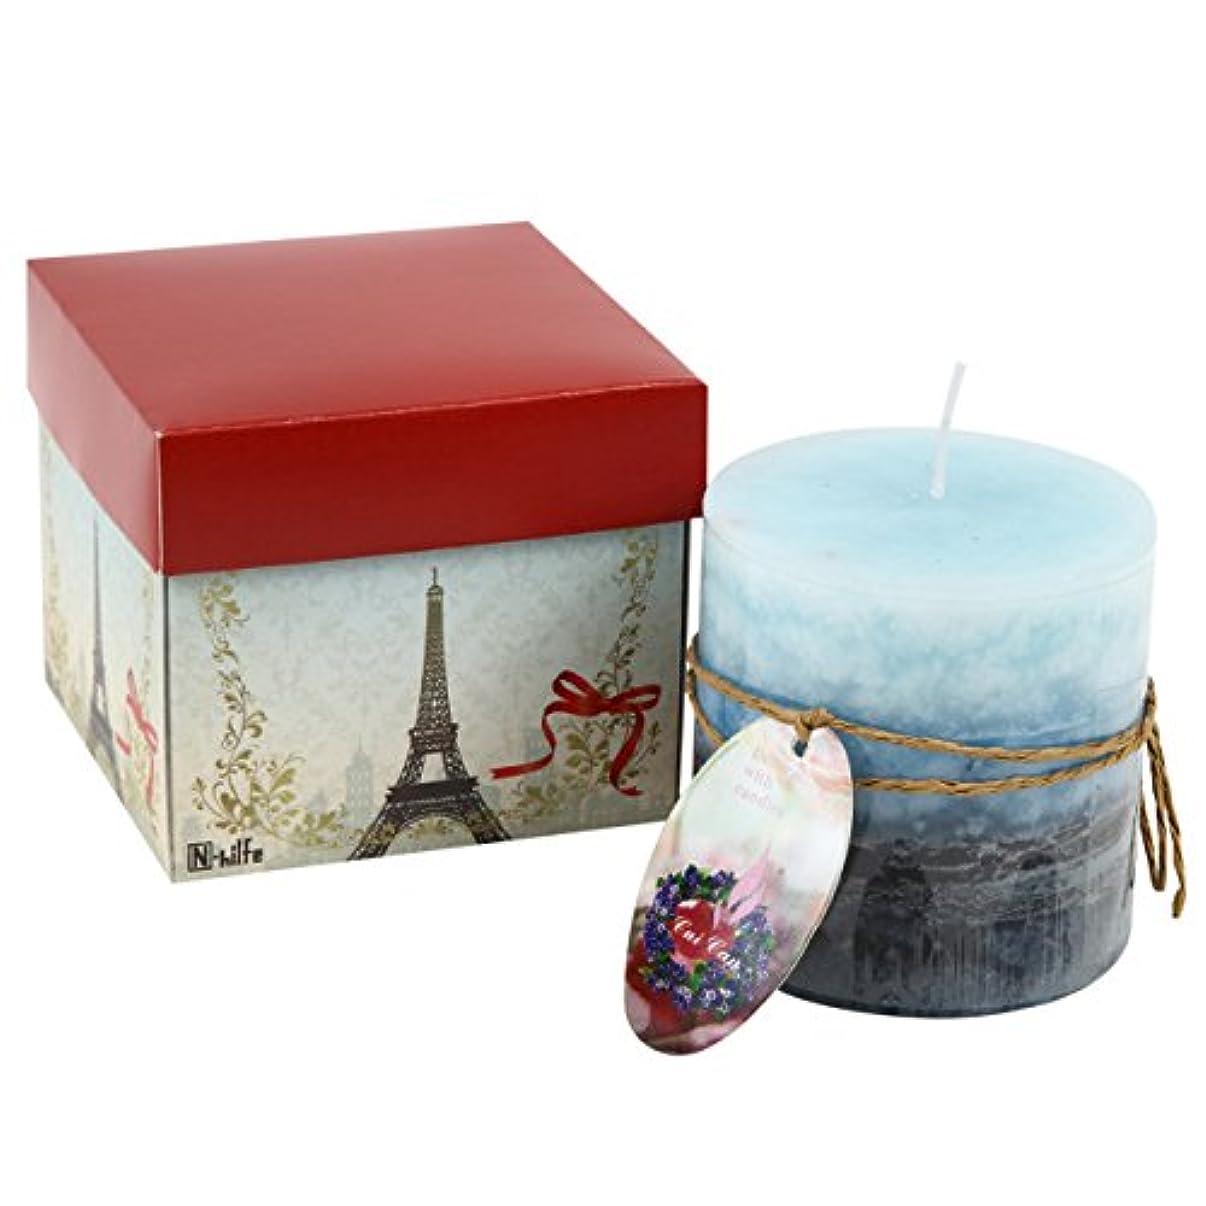 庭園メディカル商標N-hilfe キャンドル 7.5x7.5cm 蝋燭 アロマキャンドル (ビーチ,青)